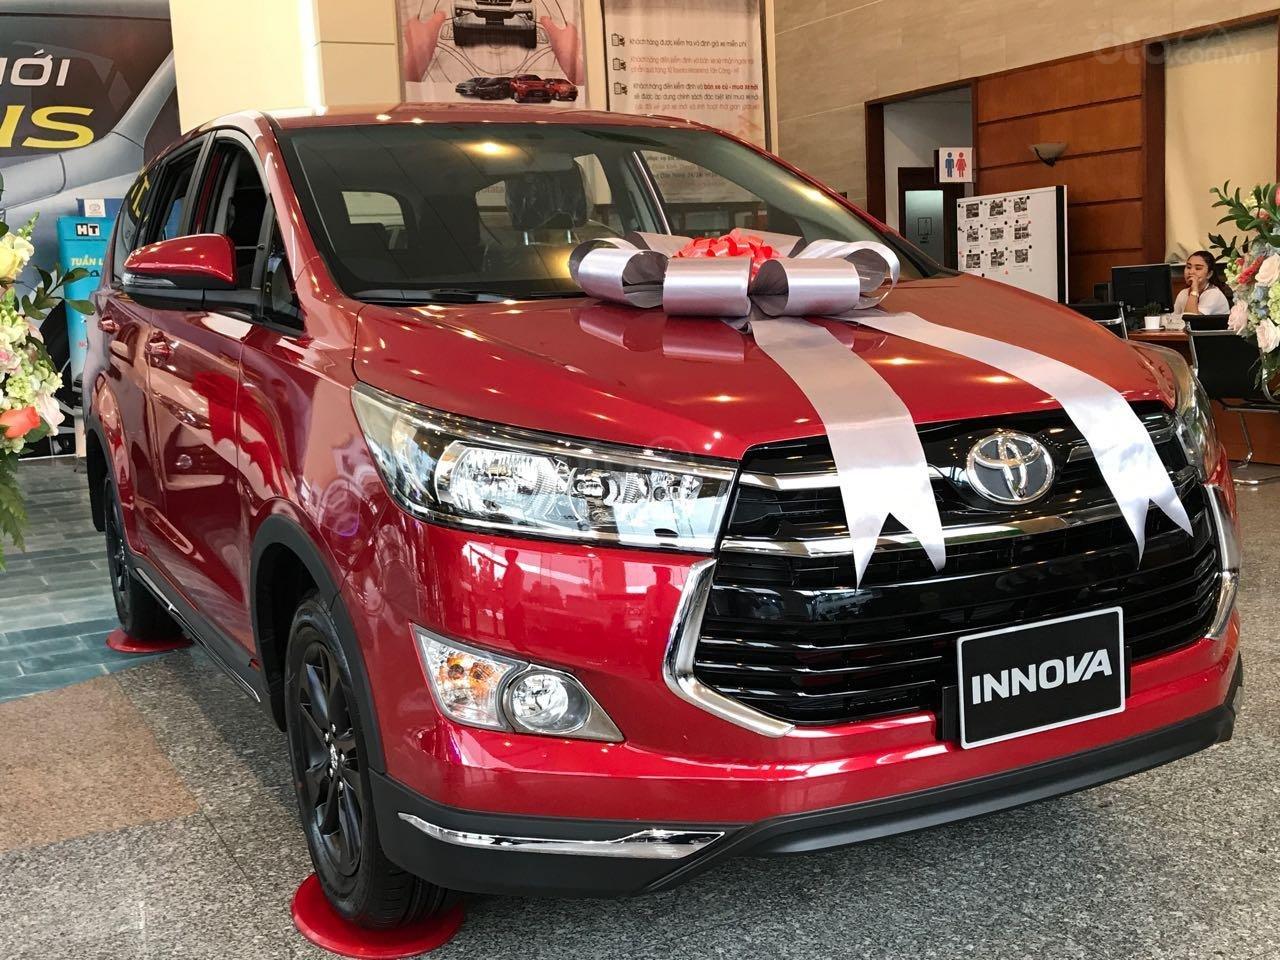 """Toyota Tân Cảng- Ưu đãi xe Innova 2.0 Venturer """"Duy nhất trong tuần giảm 30tr tiền mặt, tặng thêm phụ kiện""""-0933000600-1"""